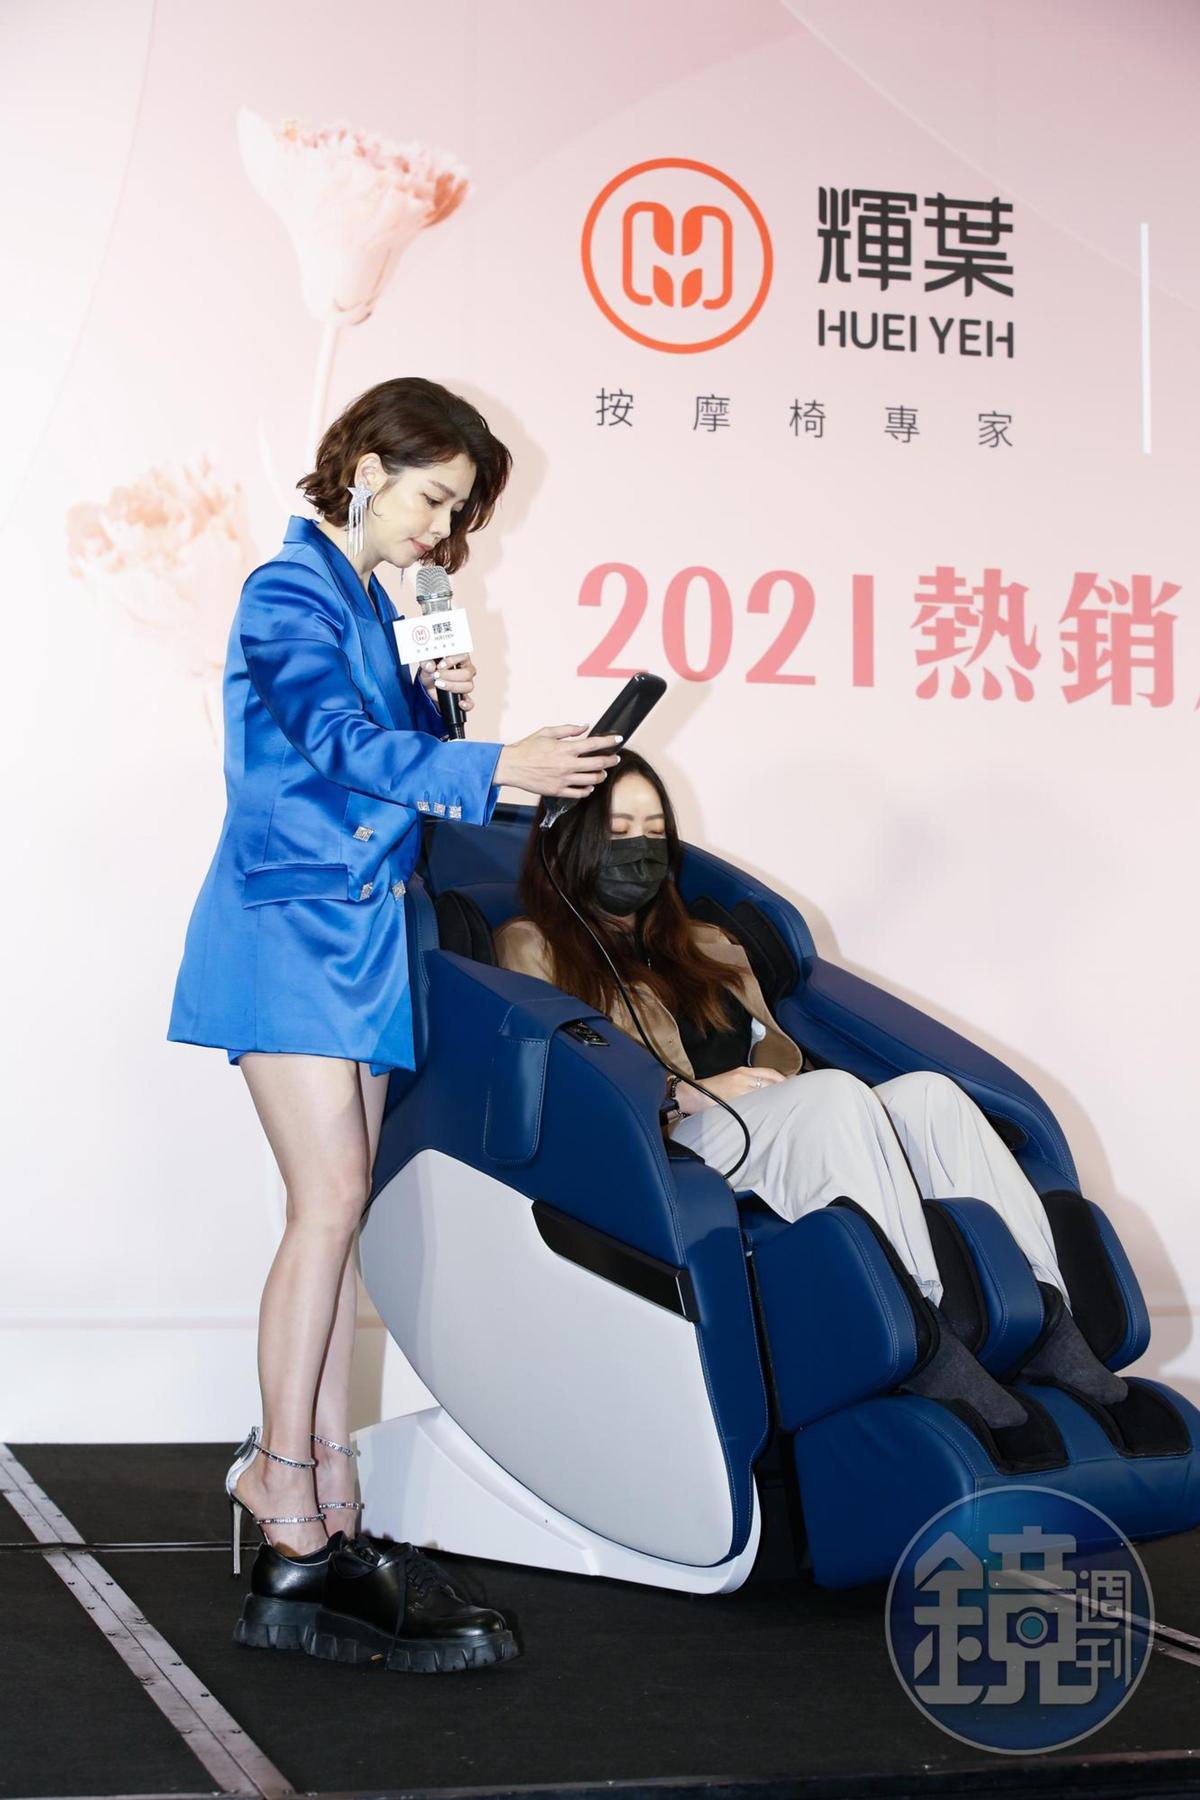 做為襯職代言人,徐若瑄為現場體驗的工作人員操作按摩椅。